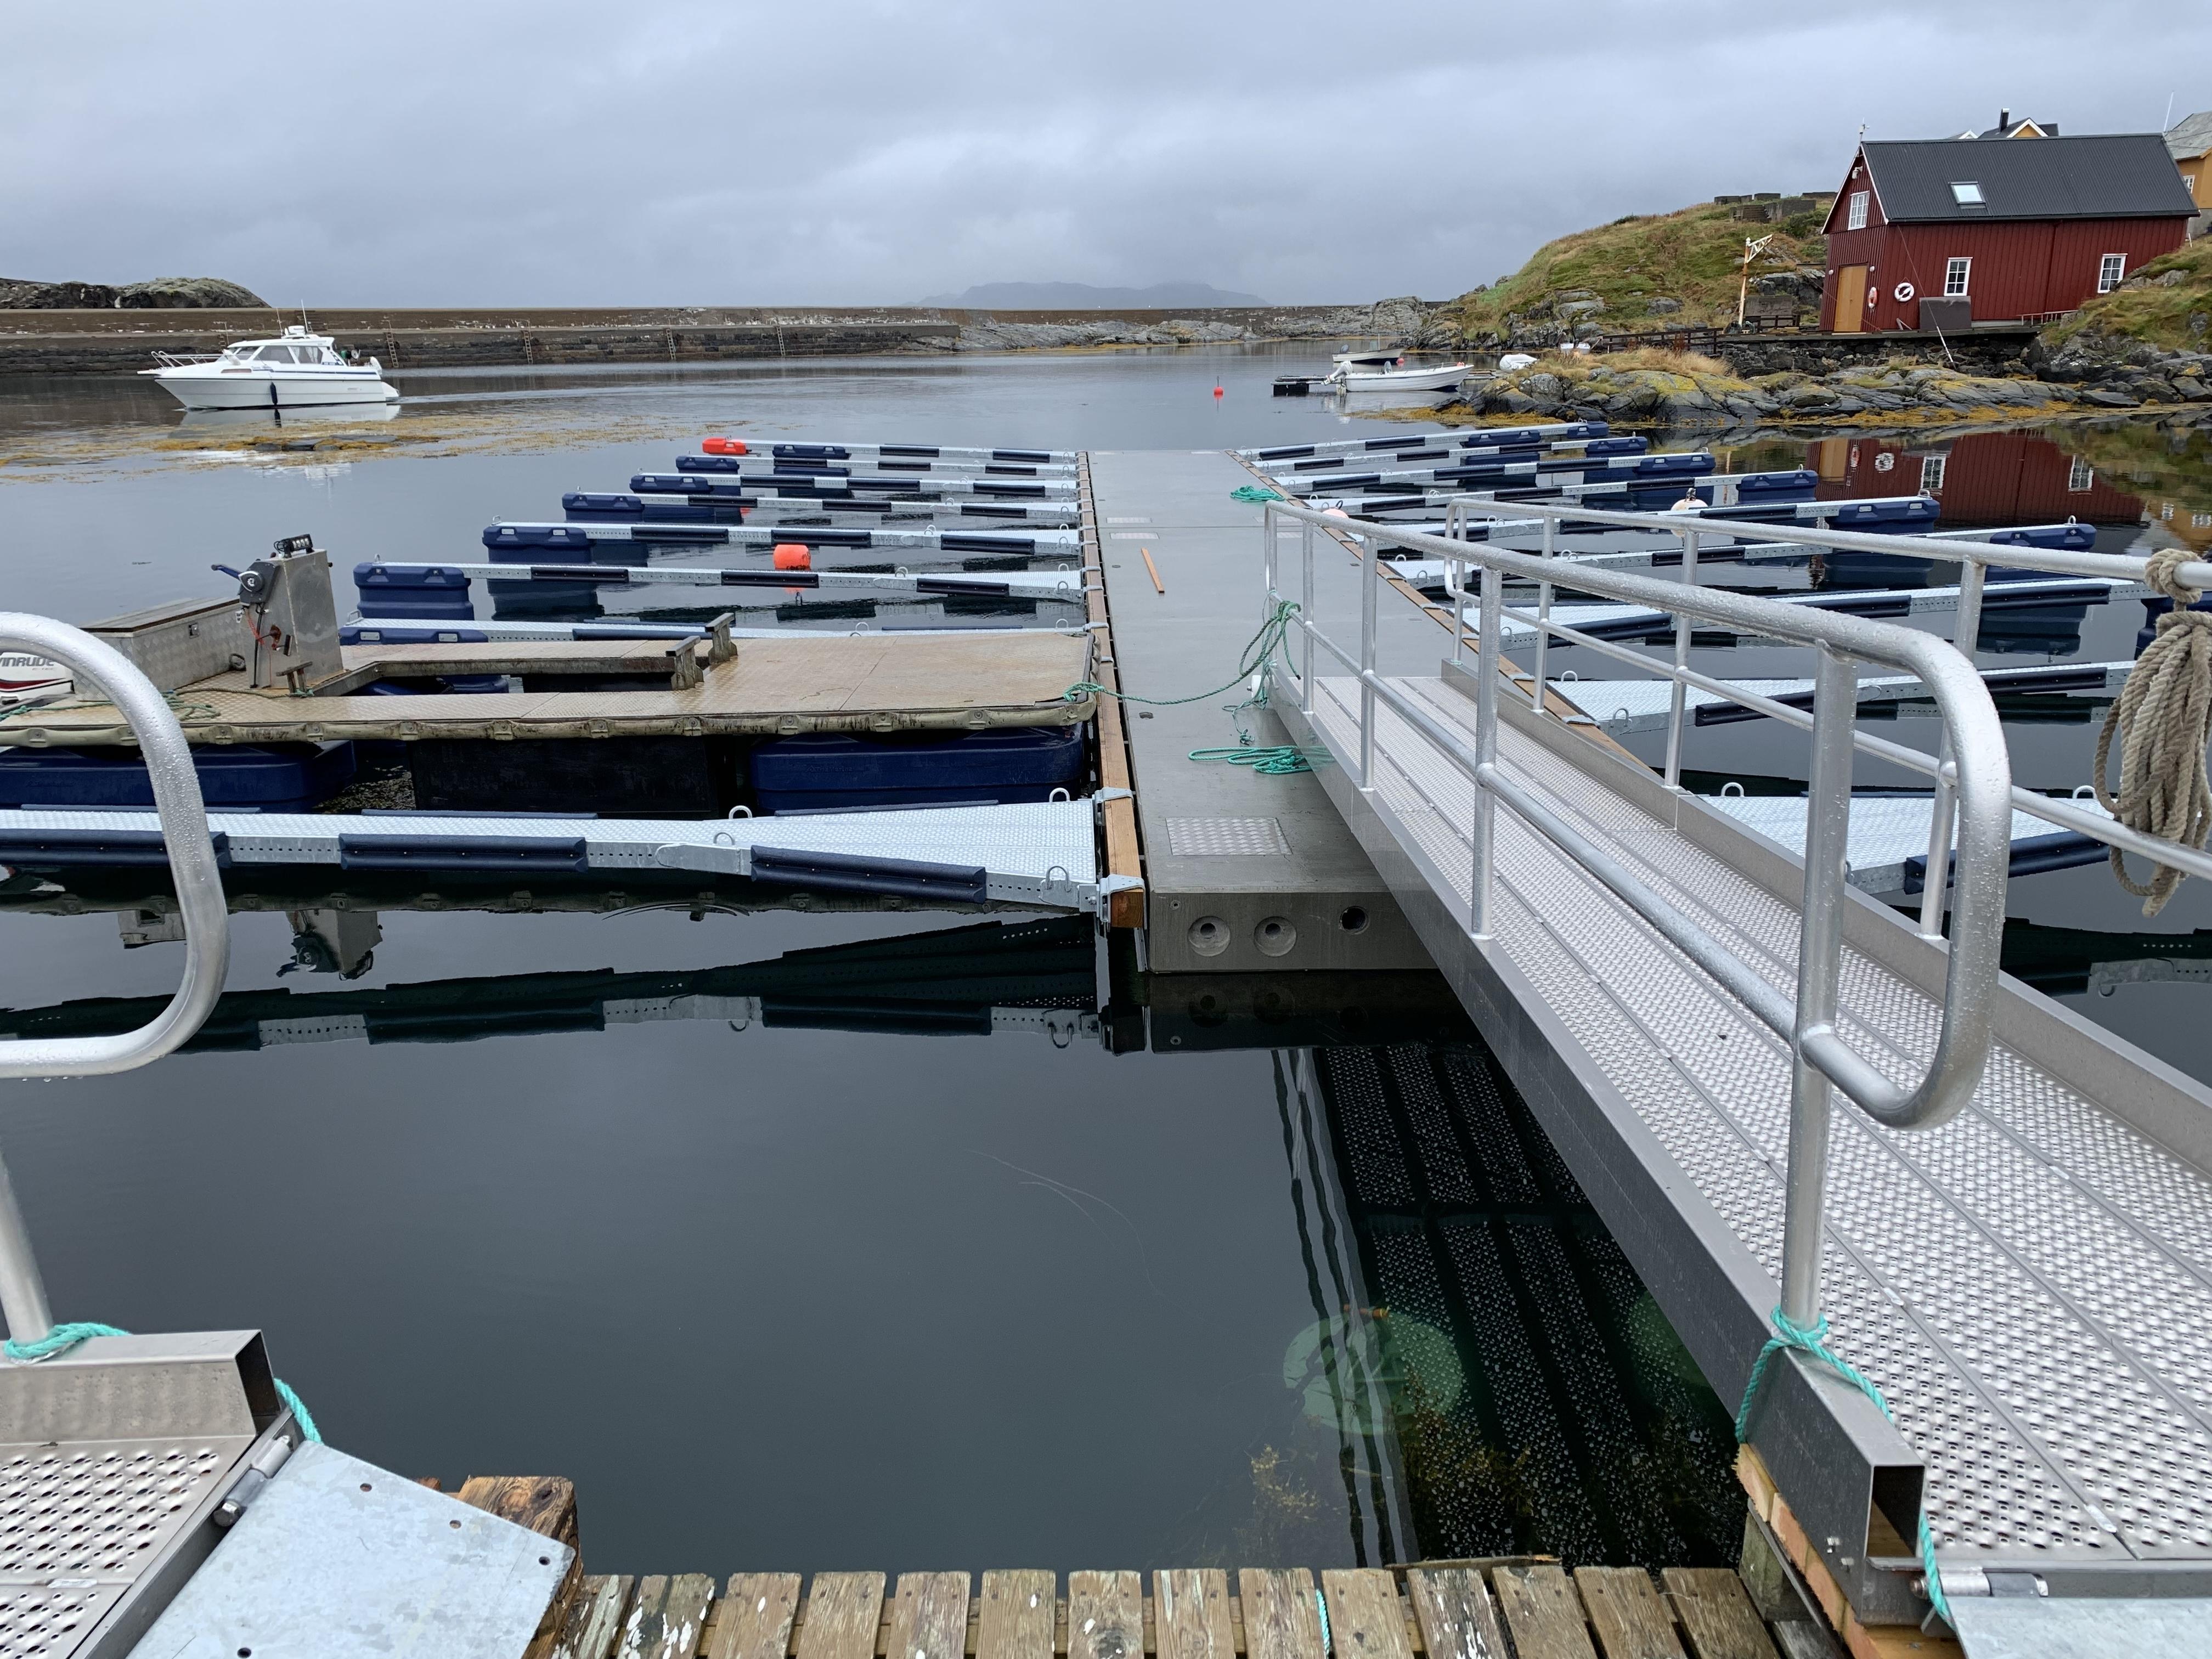 https://marinasolutions.no/uploads/Hamnaberget-småbåtforening-nordre-bjørnsund-marina-solutions-betongbrygger-sklisikre-utriggere-3.jpg